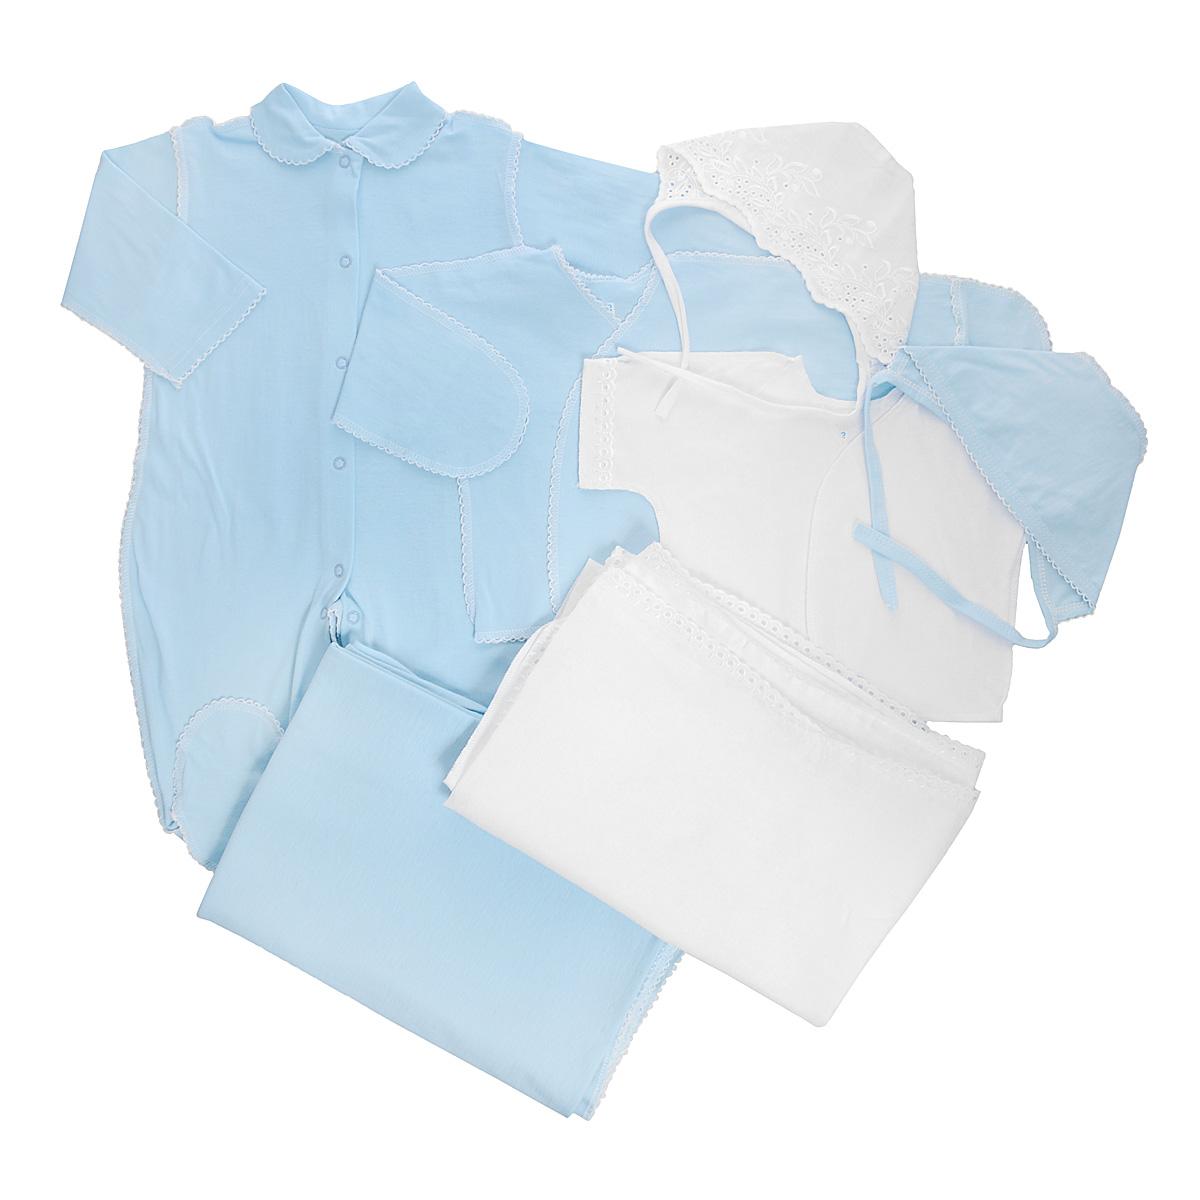 Комплект для новорожденного Трон-Плюс, 7 предметов, цвет: белый, голубой. 3472. Размер 62, 3 месяца3472Комплект для новорожденного Трон-плюс - это замечательный подарок, который прекрасно подойдет для первых дней жизни малыша. Комплект состоит из комбинезона, двух распашонок, двух чепчиков и двух пеленок. Комплект изготовлен из натурального хлопка, благодаря чему он необычайно мягкий и приятный на ощупь, не сковывает движения младенца и позволяет коже дышать, не раздражает даже самую нежную и чувствительную кожу ребенка, обеспечивая ему наибольший комфорт. Легкая распашонка с короткими рукавами выполнена швами наружу. Изделие украшено вышивкой, а рукава декорированы ажурными рюшами.Распашонка с длинными рукавами и с запахом выполнена швами наружу. Оформлено изделие ажурными петельками. Рукава дополнены рукавичками, которые обеспечат вашему малышу комфорт во время сна и бодрствования, предохраняя нежную кожу новорожденного от расцарапывания. Рукавички можно завернуть. Чепчик защищает еще не заросший родничок, щадит чувствительный слух малыша, прикрывая ушки, и предохраняет от теплопотерь. Комплект содержит два чепчика: один - легкий мягкий чепчик с завязками выполнен швами наружу и украшен вышивками, а второй - легкий мягкий чепчик также выполнен швами наружу и украшен ажурными рюшами. Очаровательный комбинезон с длинными рукавами, закрытыми ножками и отложным воротничком имеет застежки-кнопки по всей длине и на ластовице, которые помогают с легкостью переодеть ребенка или сменить подгузник. Комбинезон выполнен швами наружу и украшен ажурными петельками. Пеленка станет незаменимым помощником в деле ухода за ребенком. В комплект входят две пеленки, одна из которых украшена вышивкой и ажурными рюшами, а другая - ажурными петельками. В таком комплекте ваш малыш будет чувствовать себя комфортно, уютно и всегда будет в центре внимания!